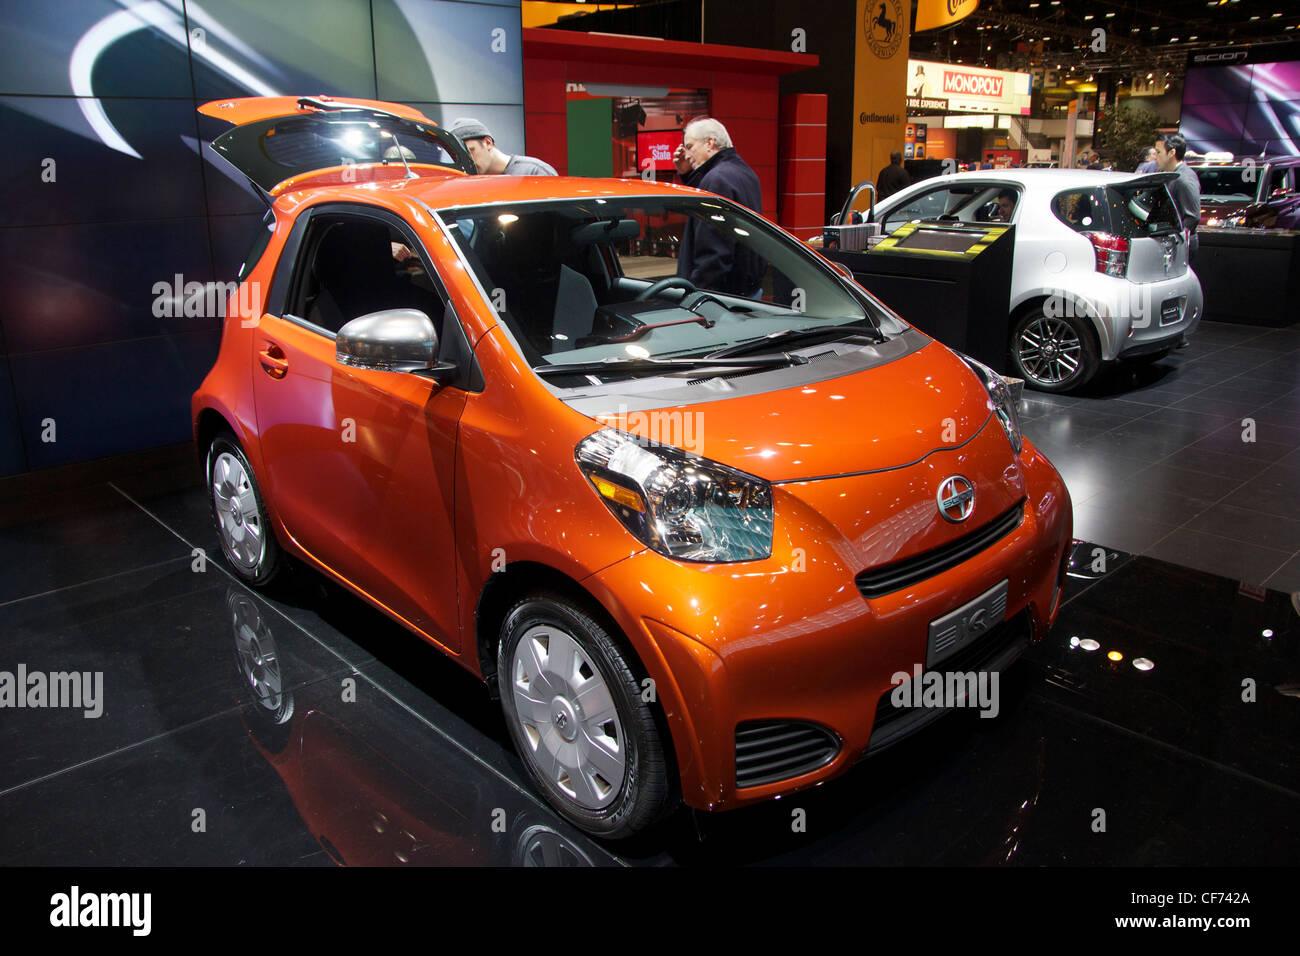 2013 Scion IQ. 2012 Chicago Auto Show - Stock Image